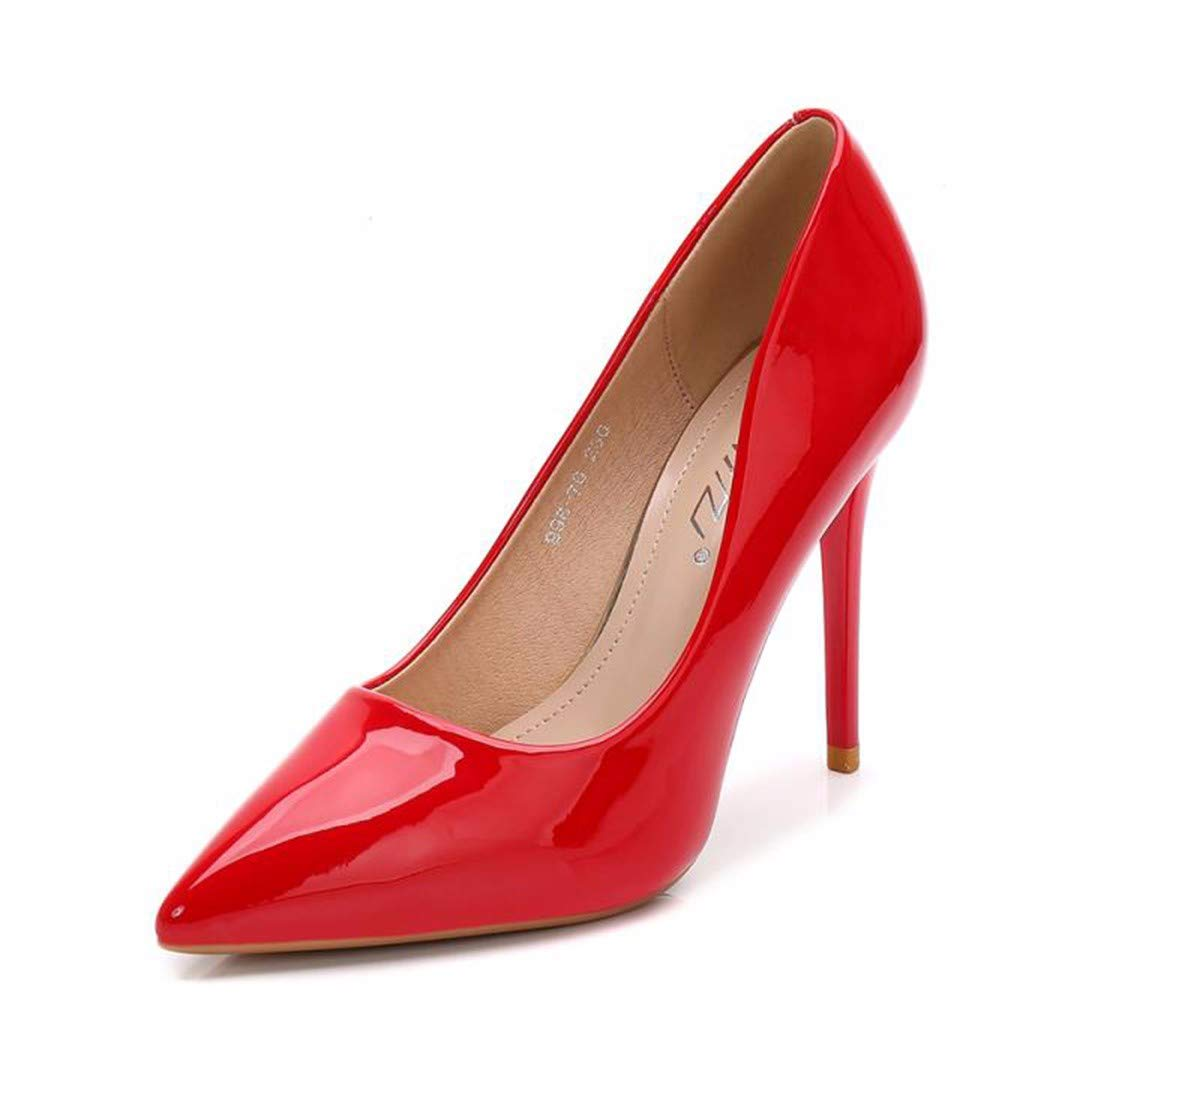 KPHY KPHY KPHY Damenschuhe Dünn Und Hat Extrem Hohe Schuhe 10Cm Sexy Flachen Mund Lackiert Leder Schuhe Damenschuhe.38 des 5e9443